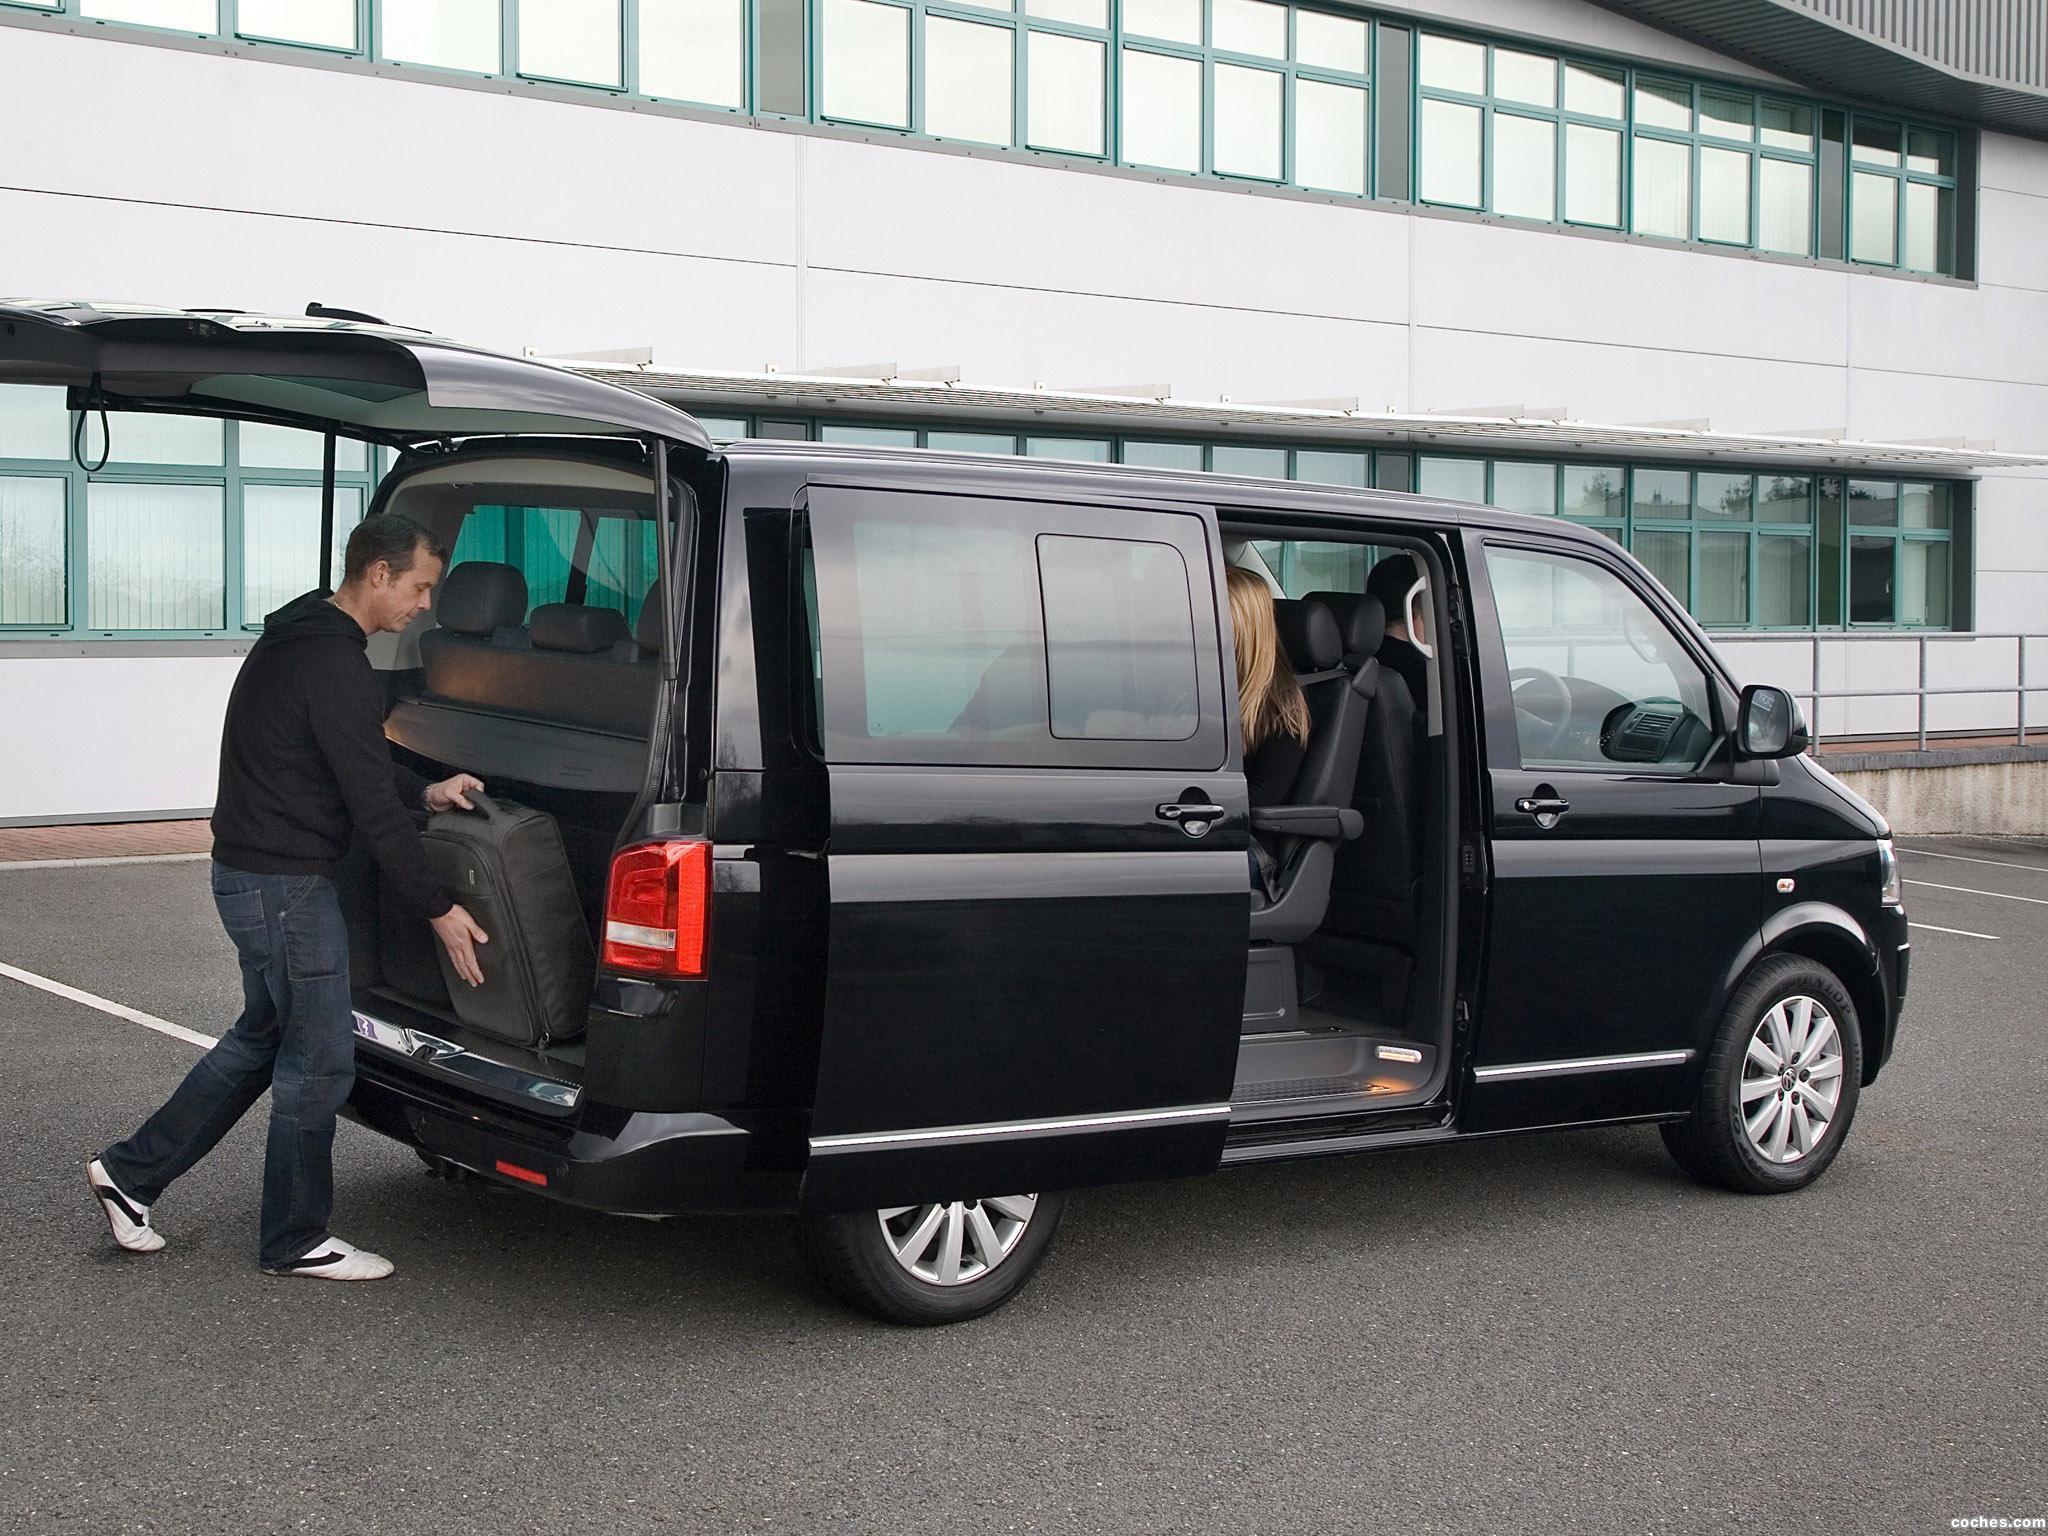 Foto 2 de Volkswagen T5 Caravelle UK 2009